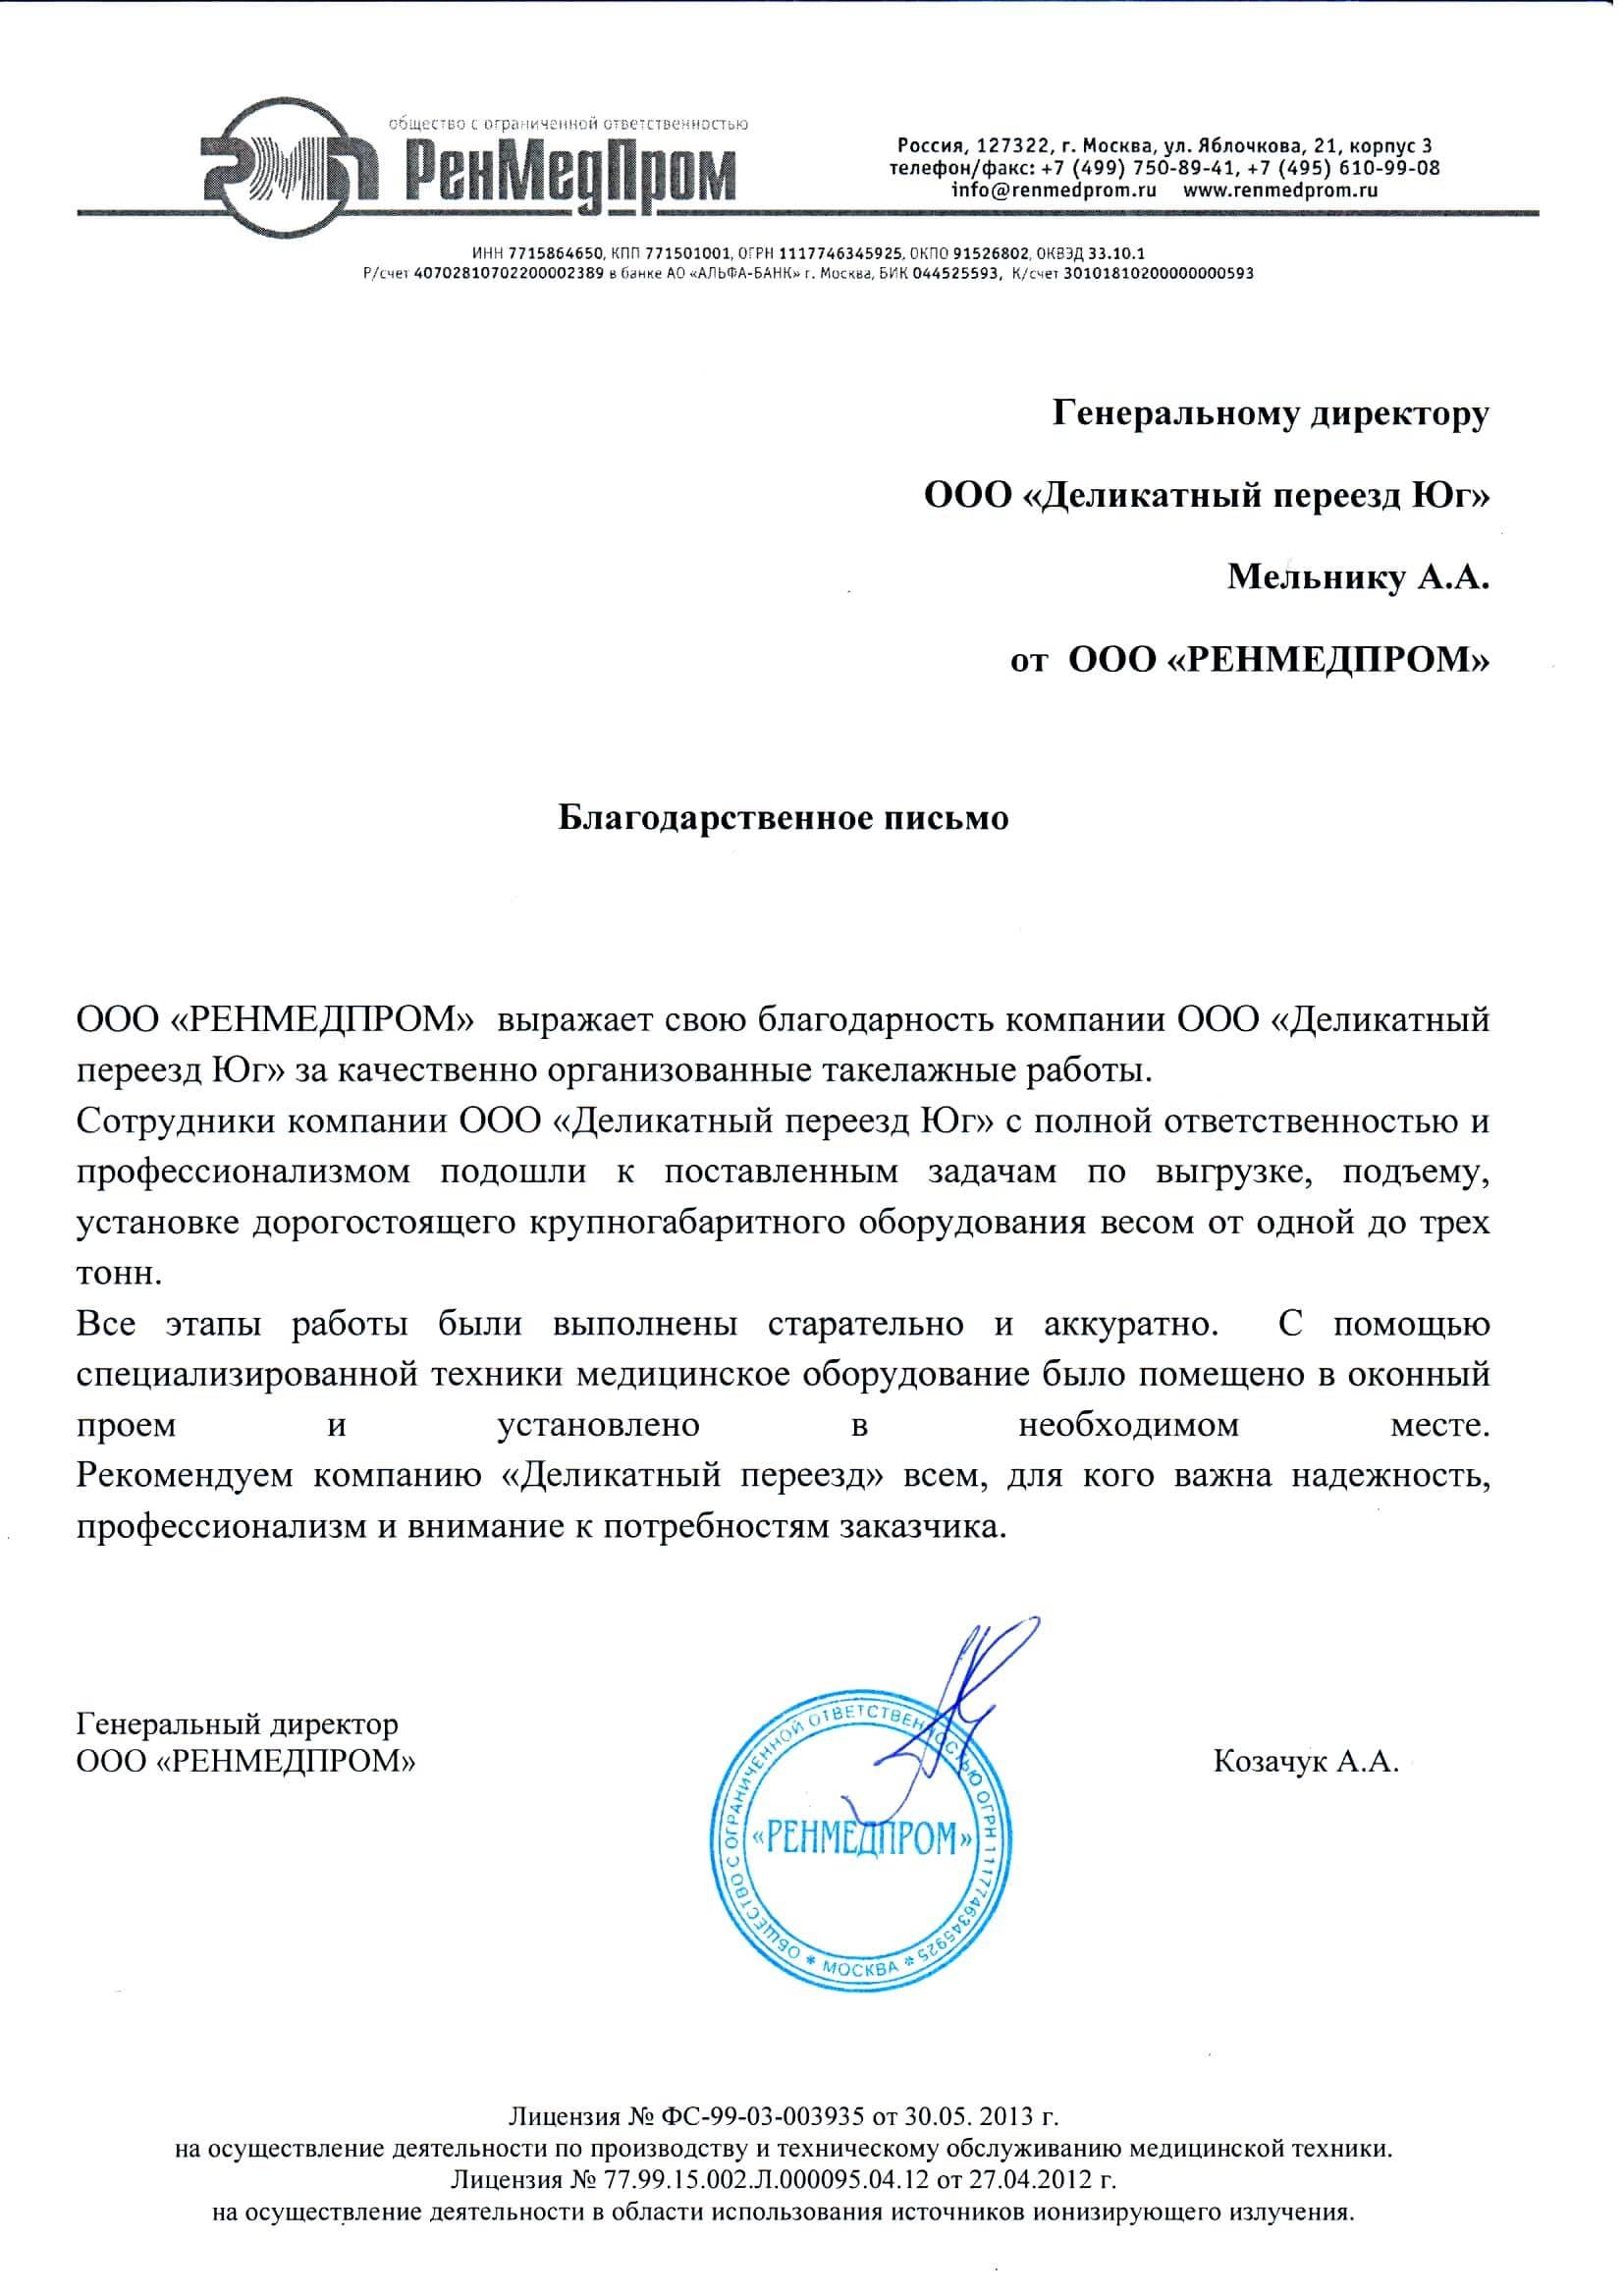 Благодарственное письмо от ООО «РЕНМЕДПРОМ»